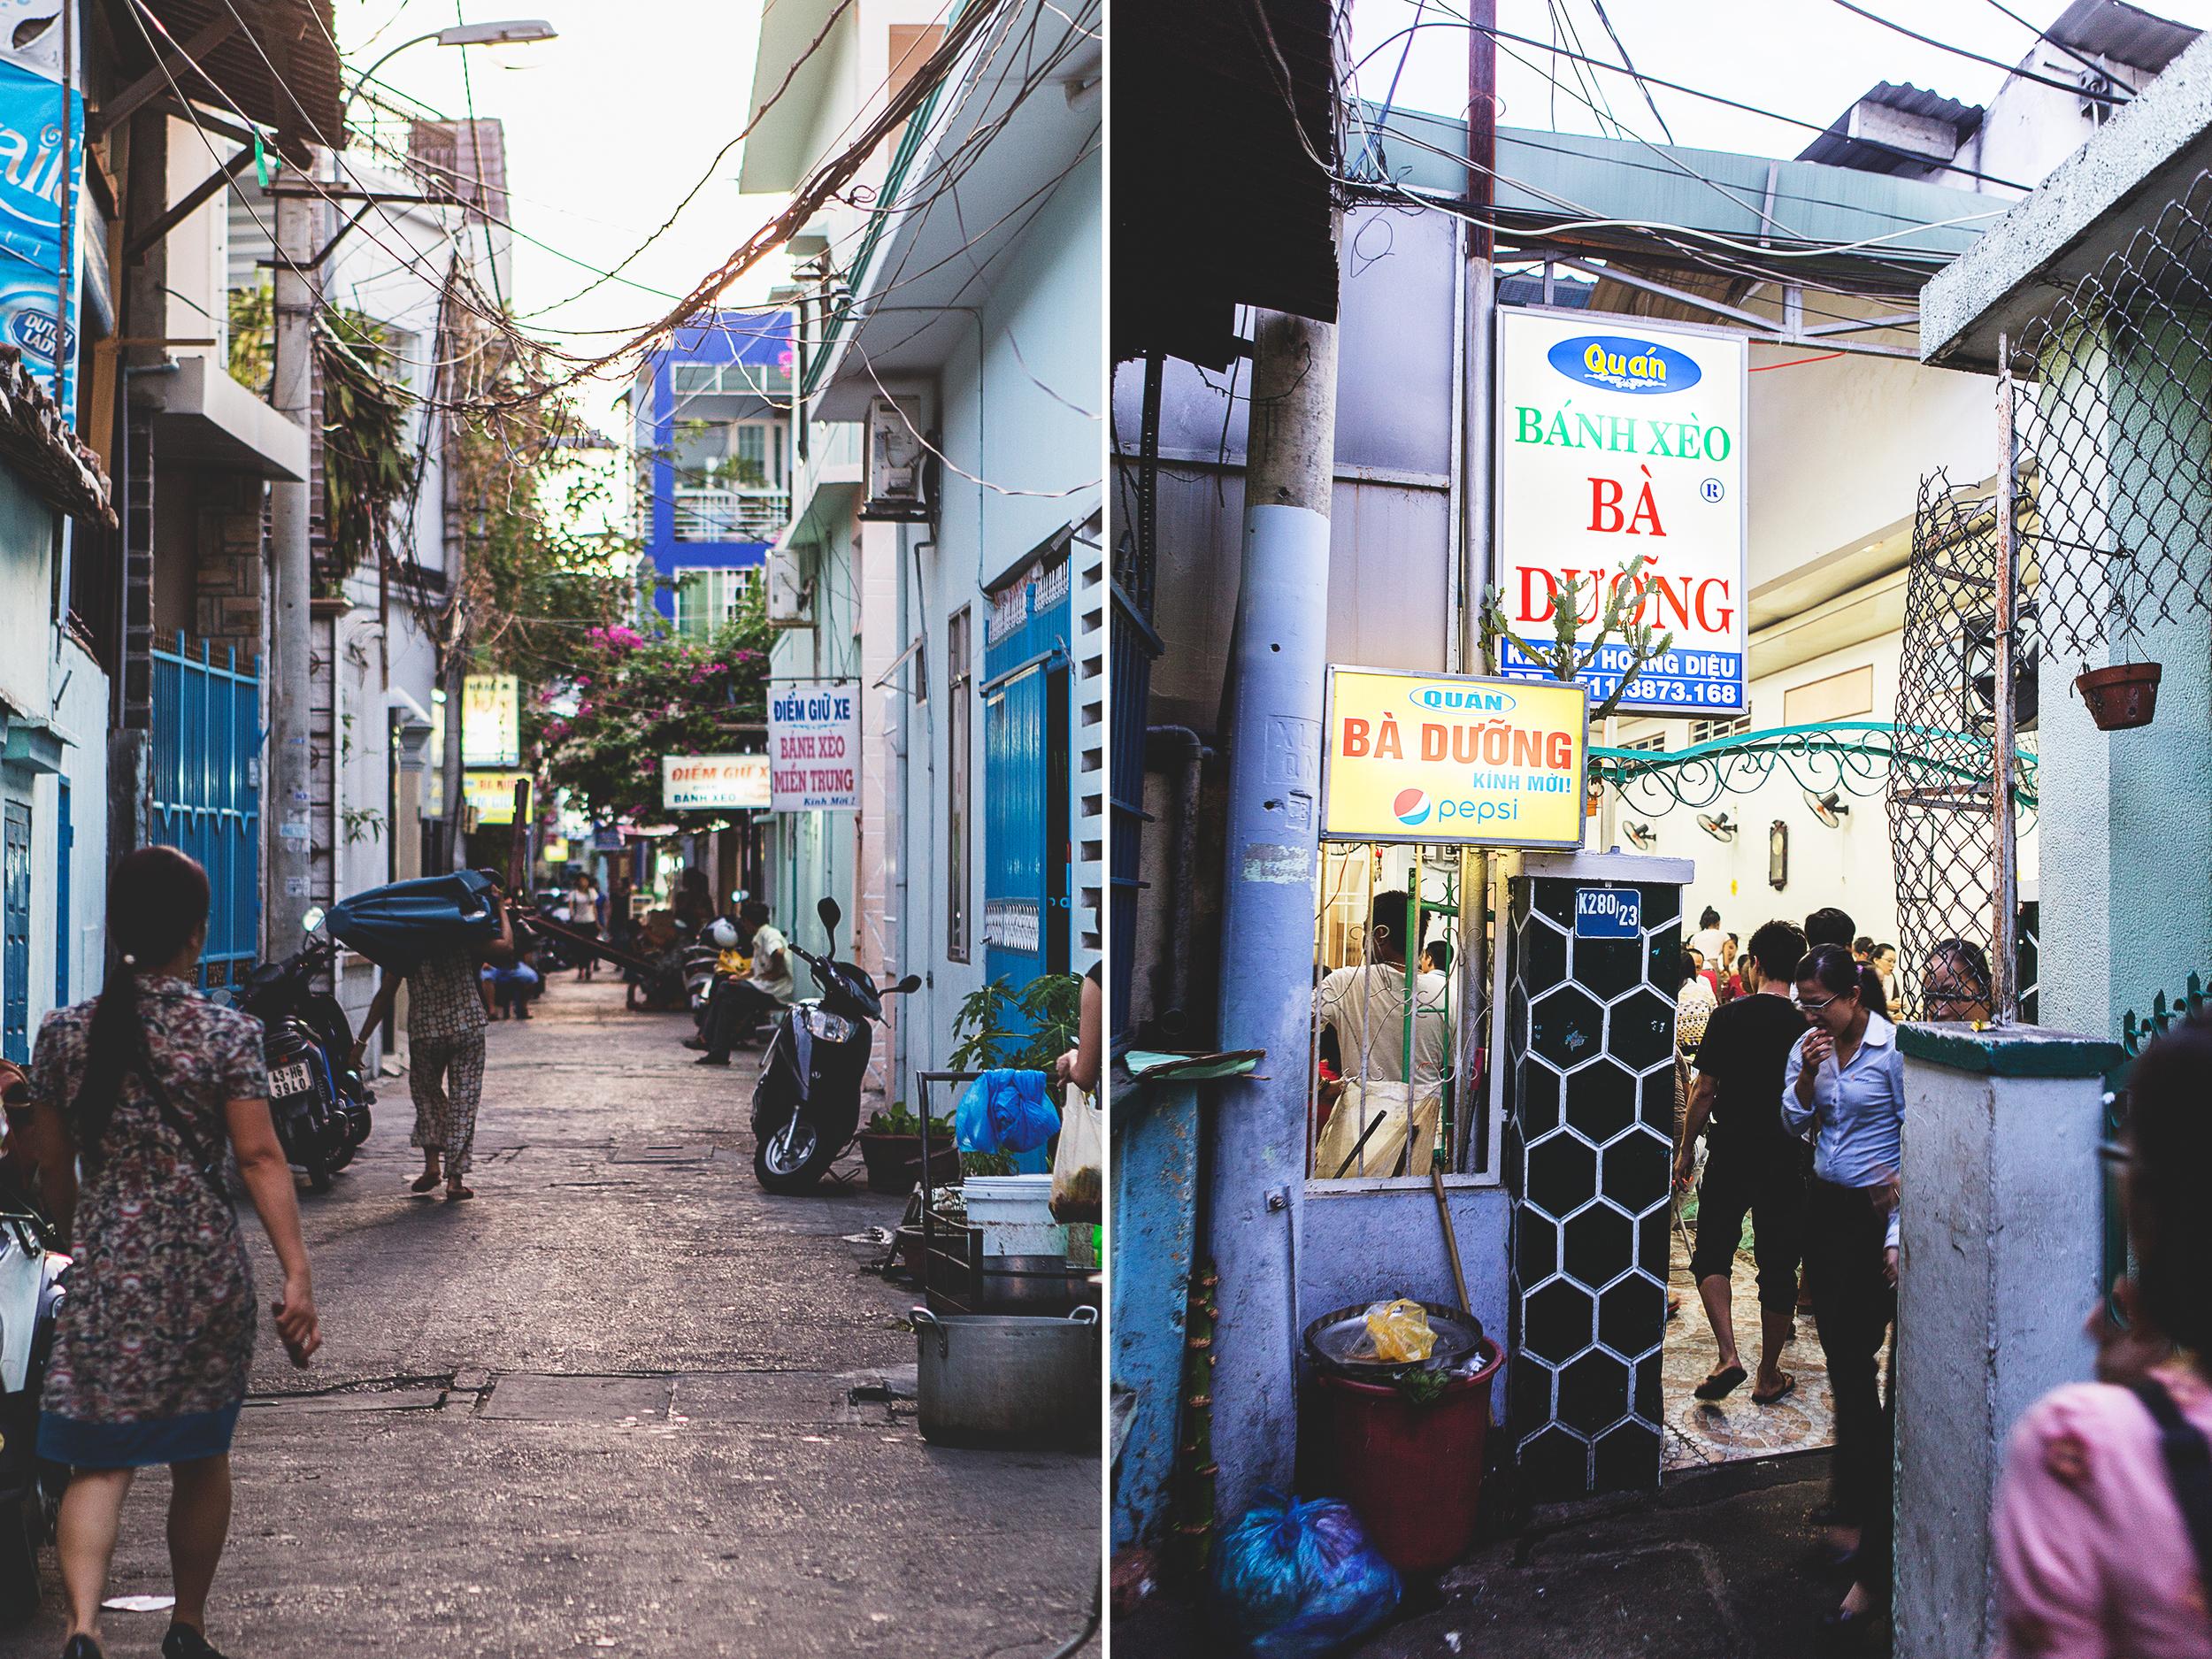 20140826-danang-vietnam-baduong1-brian-oh.jpg